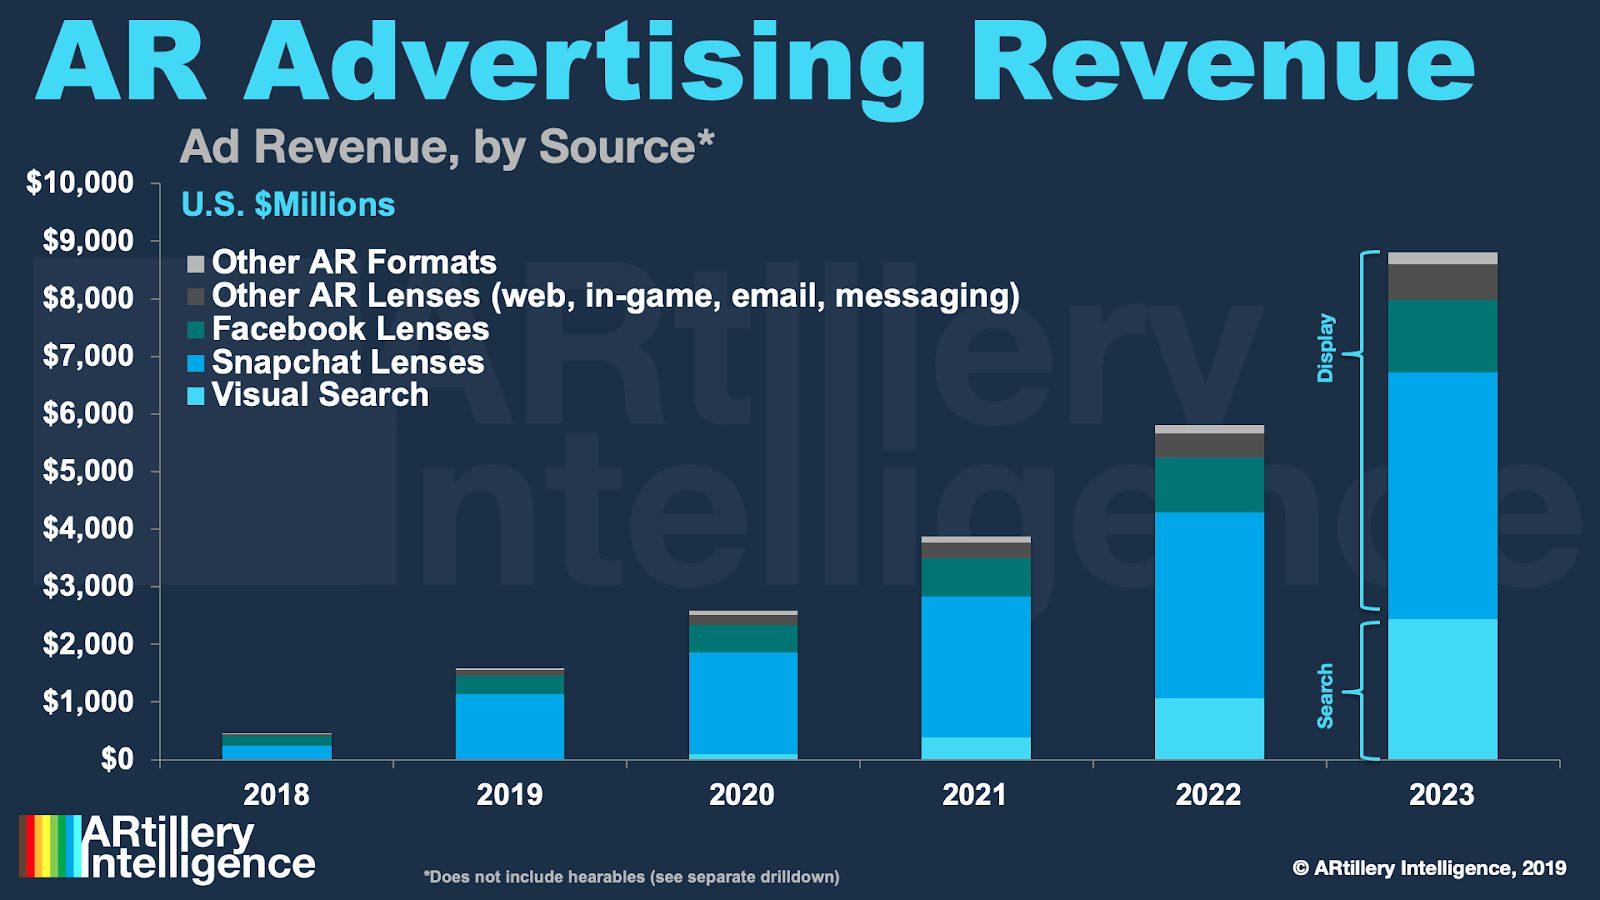 AR advertising Revenue